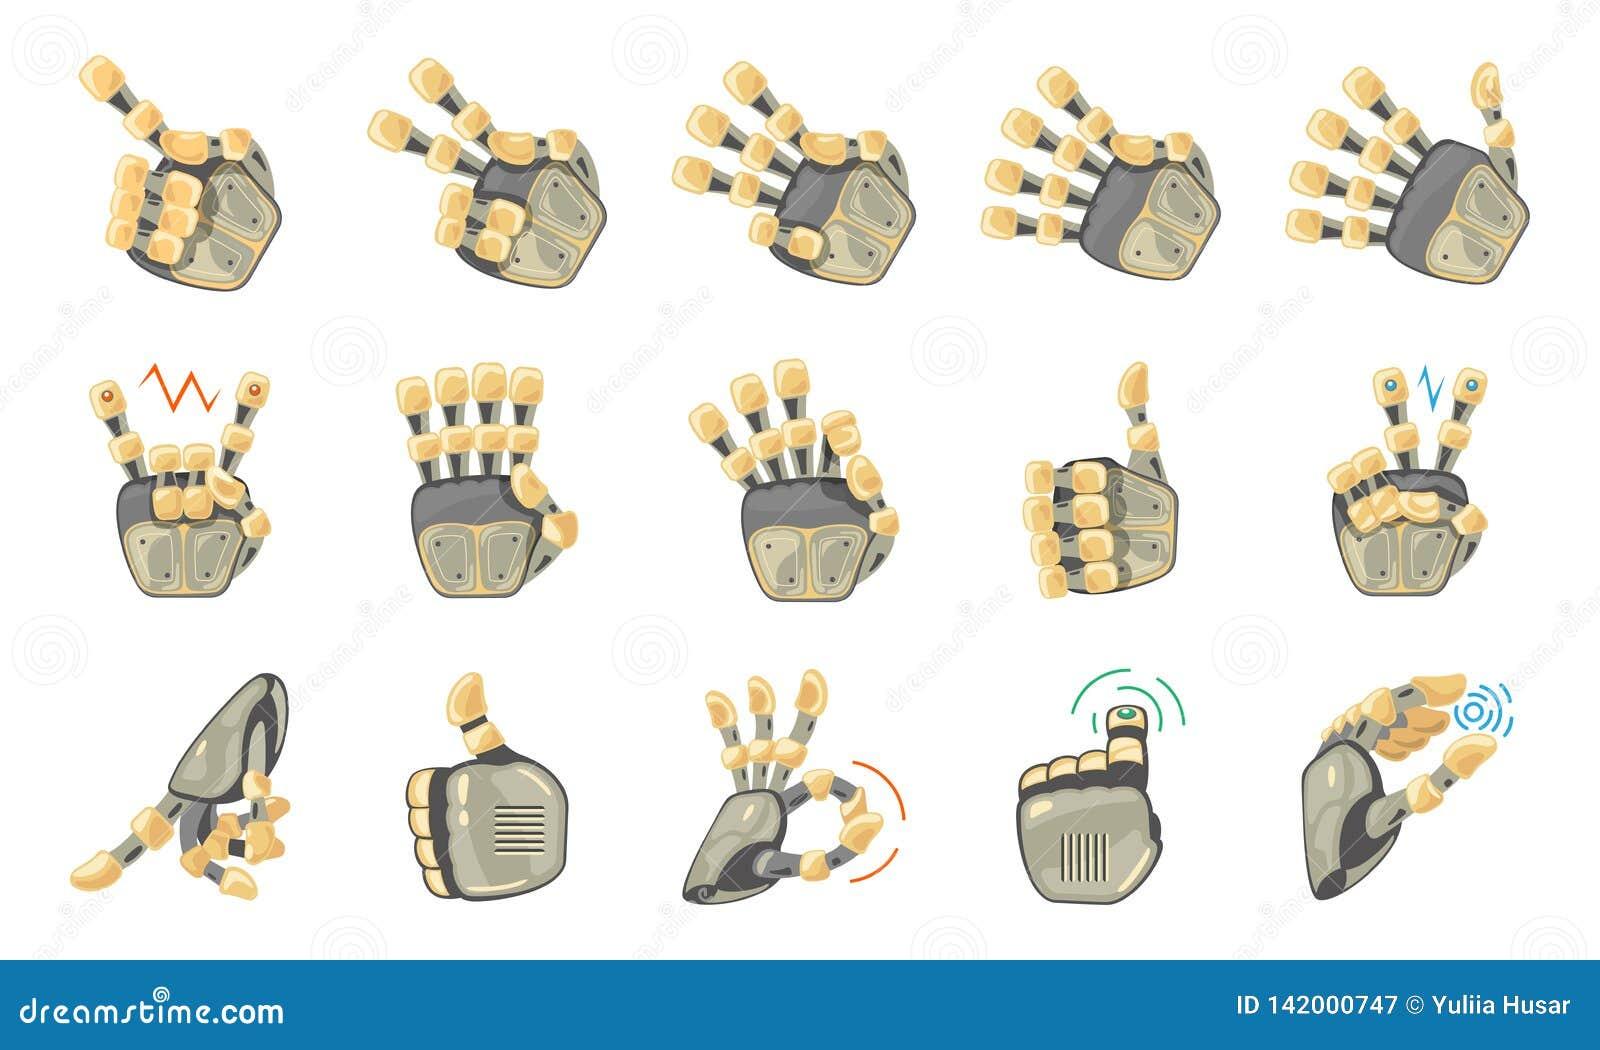 Χειρονομίες χεριών ρομπότ Ρομποτικά χέρια Μηχανικό σύμβολο εφαρμοσμένης μηχανικής μηχανών τεχνολογίας σύνολο χεριών χειρονομιώ&n